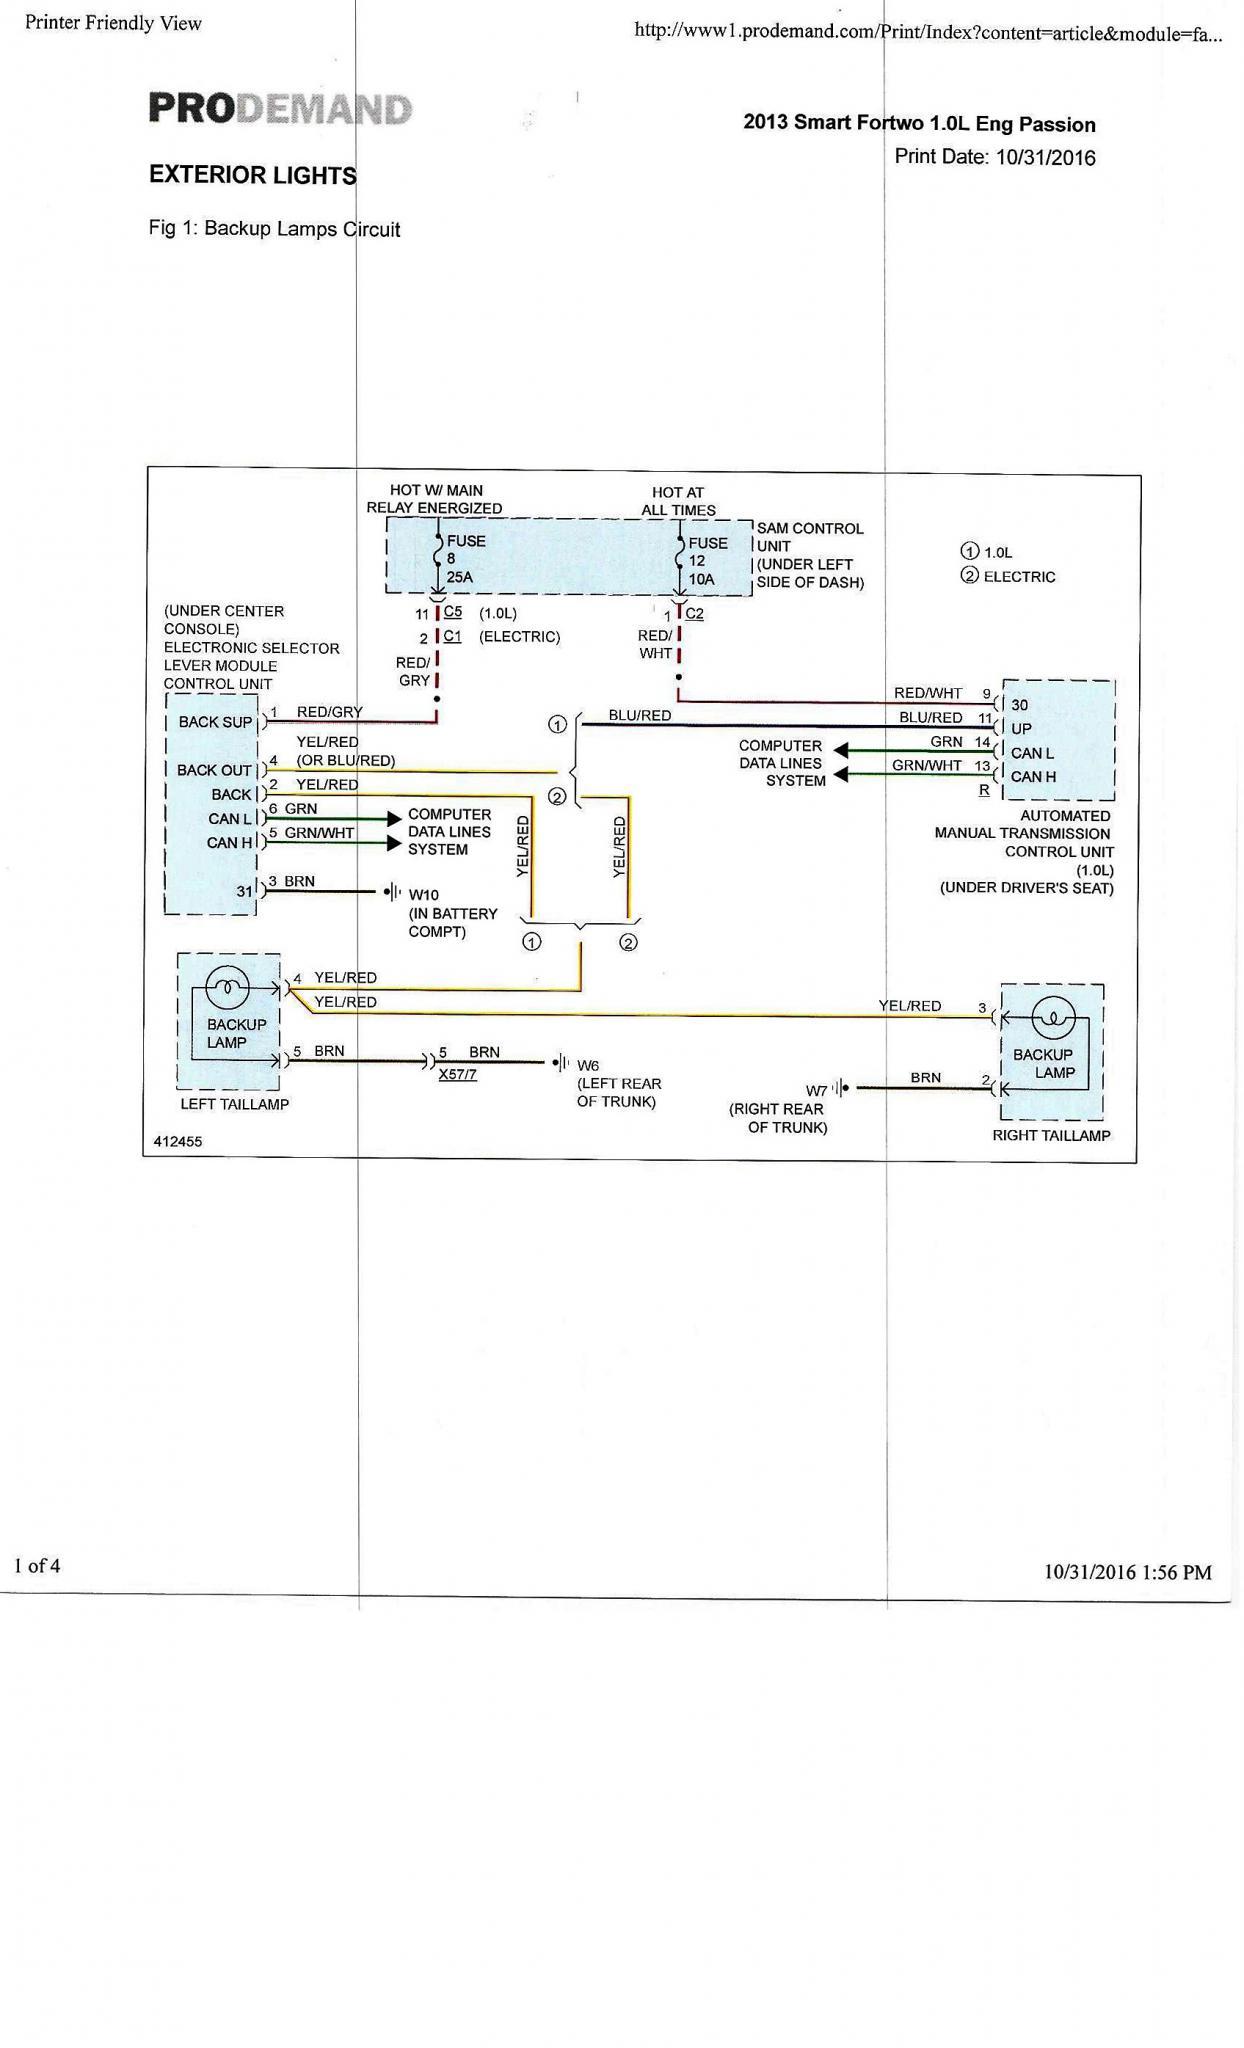 External Lights Wiring Diagram Smart Car Forums